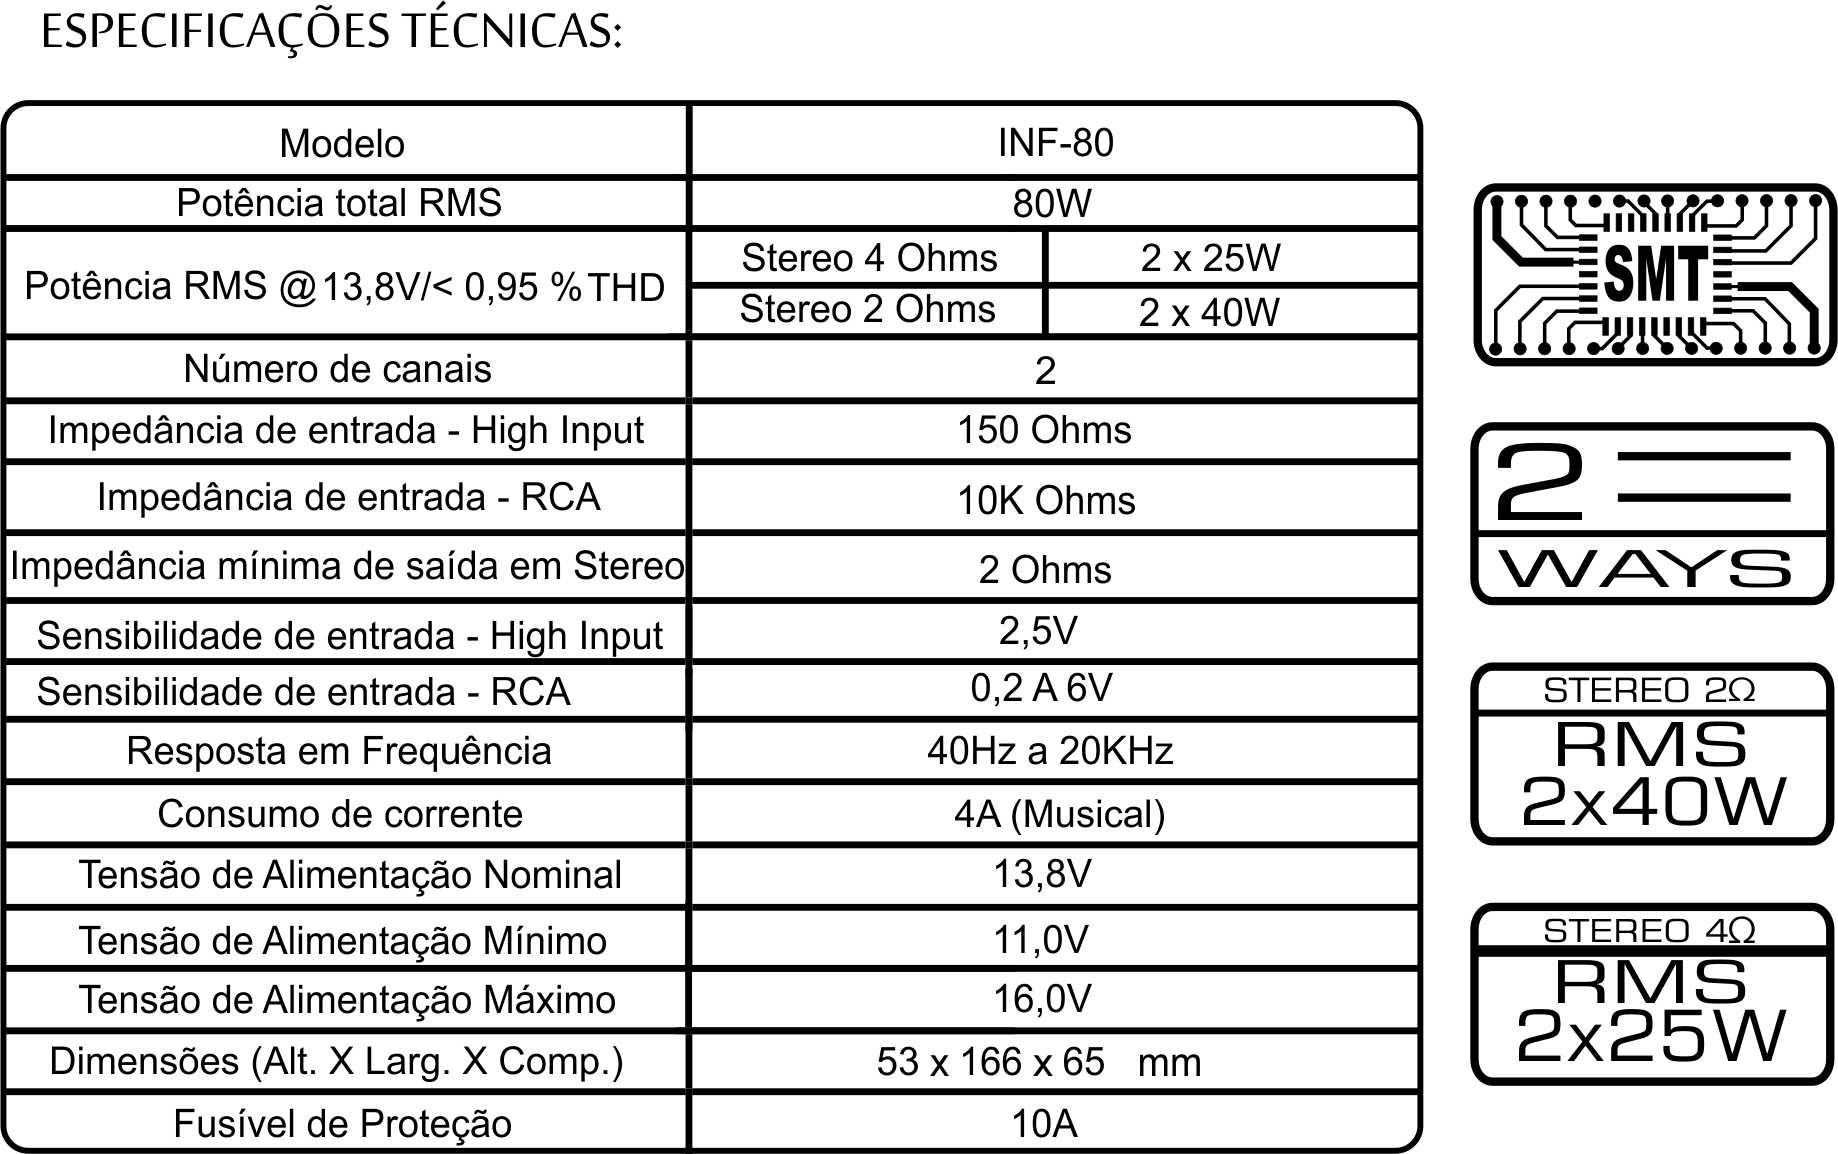 Especificações tecnicas 80W